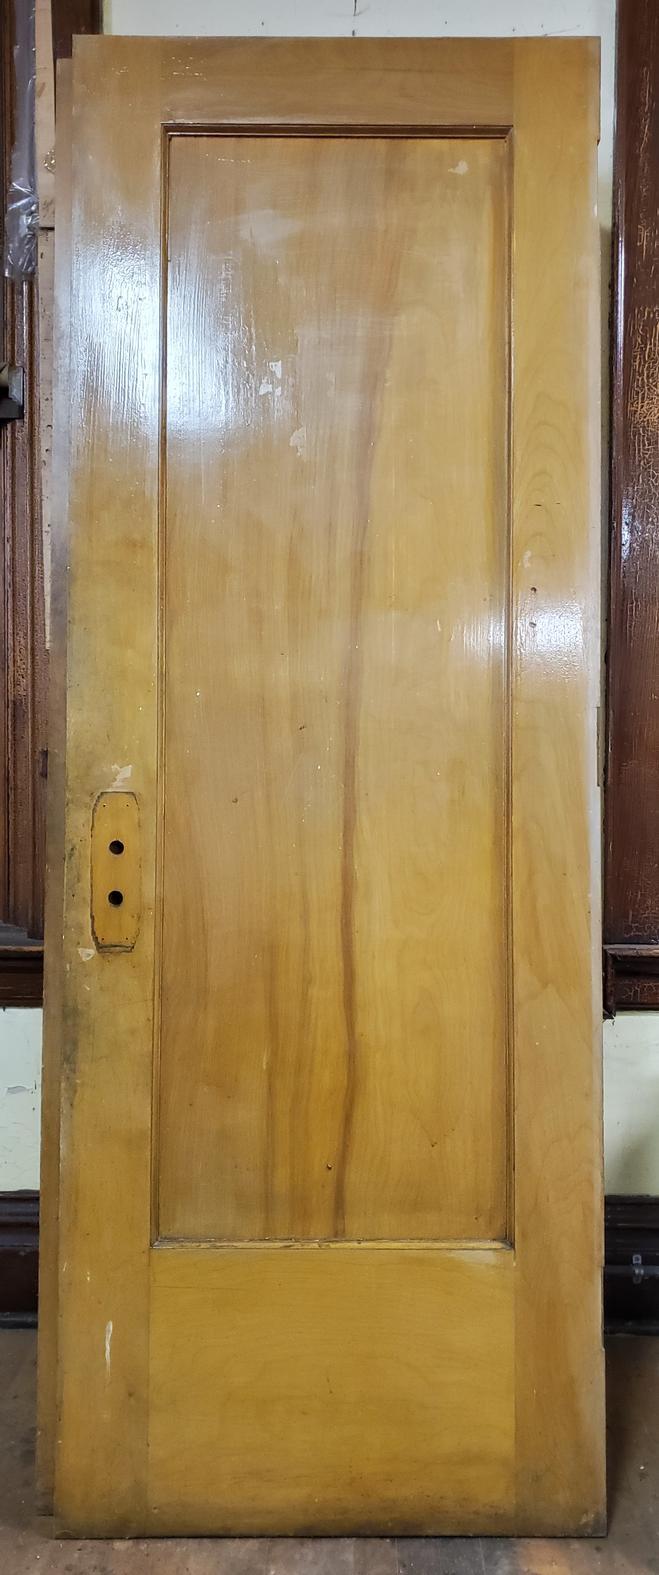 30 in Single Panel School Door